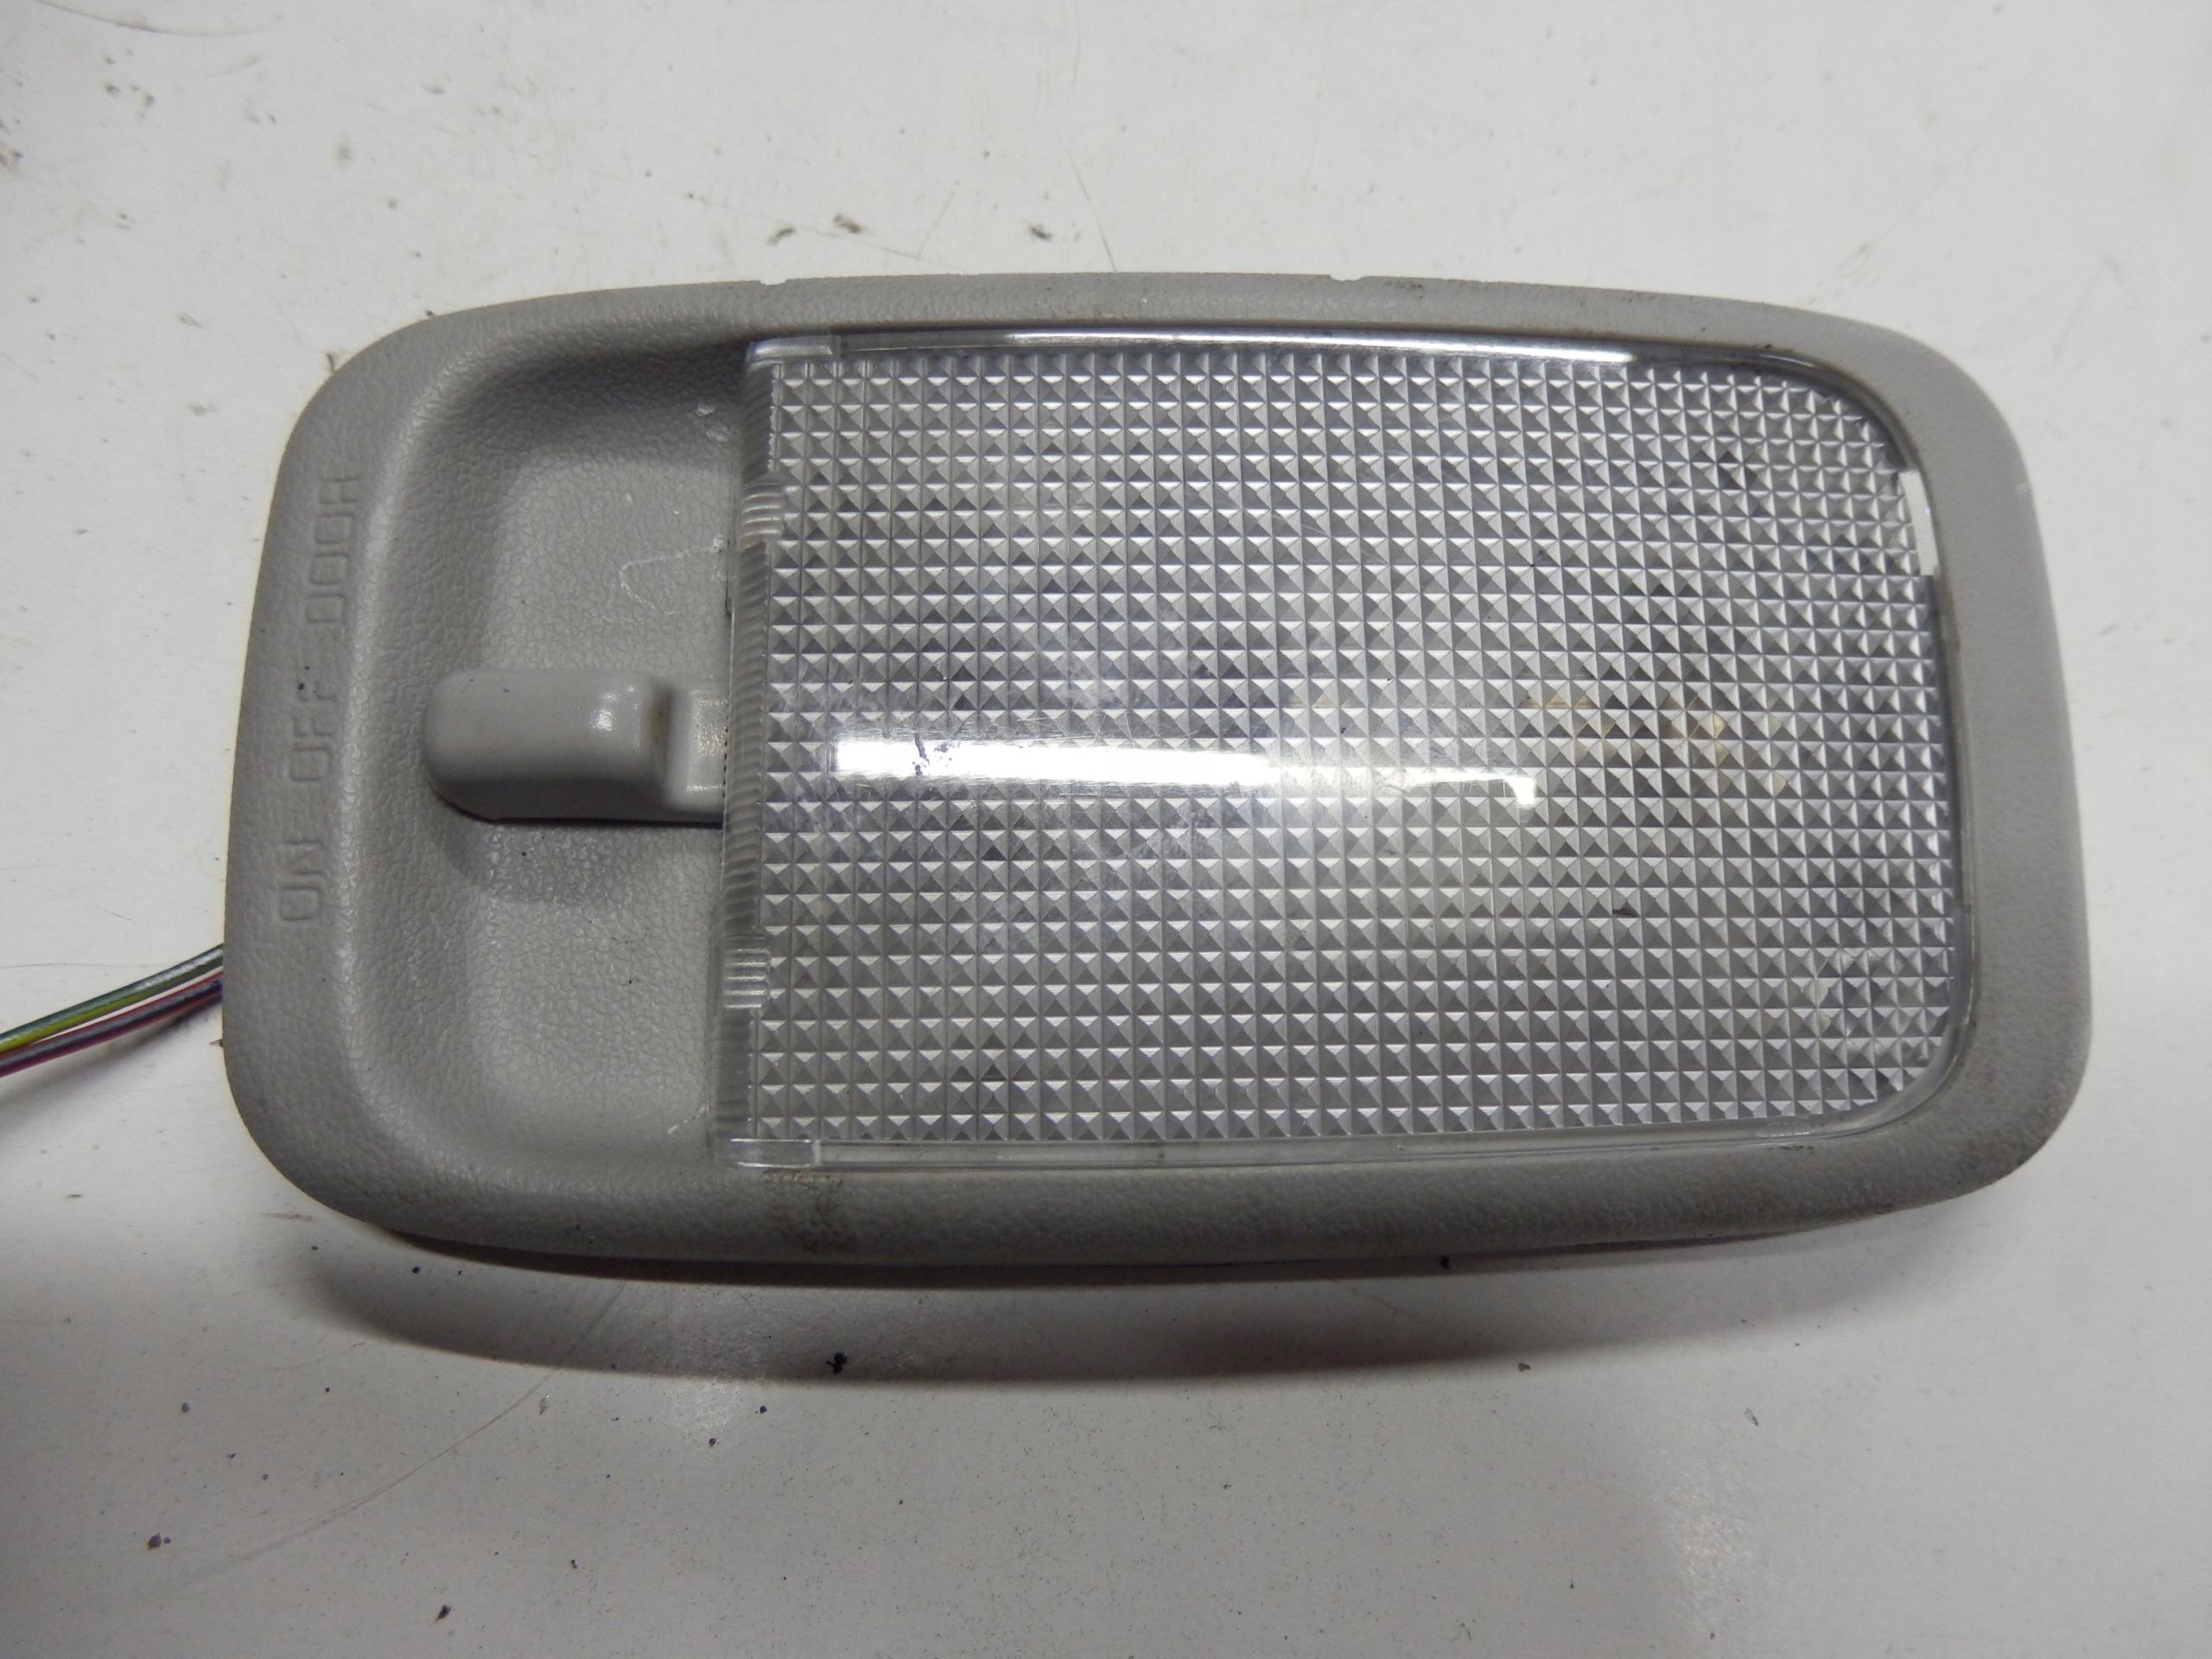 Toyota Yaris I 03 3d Lampka Oświetlenie Wnętrza 7661352797